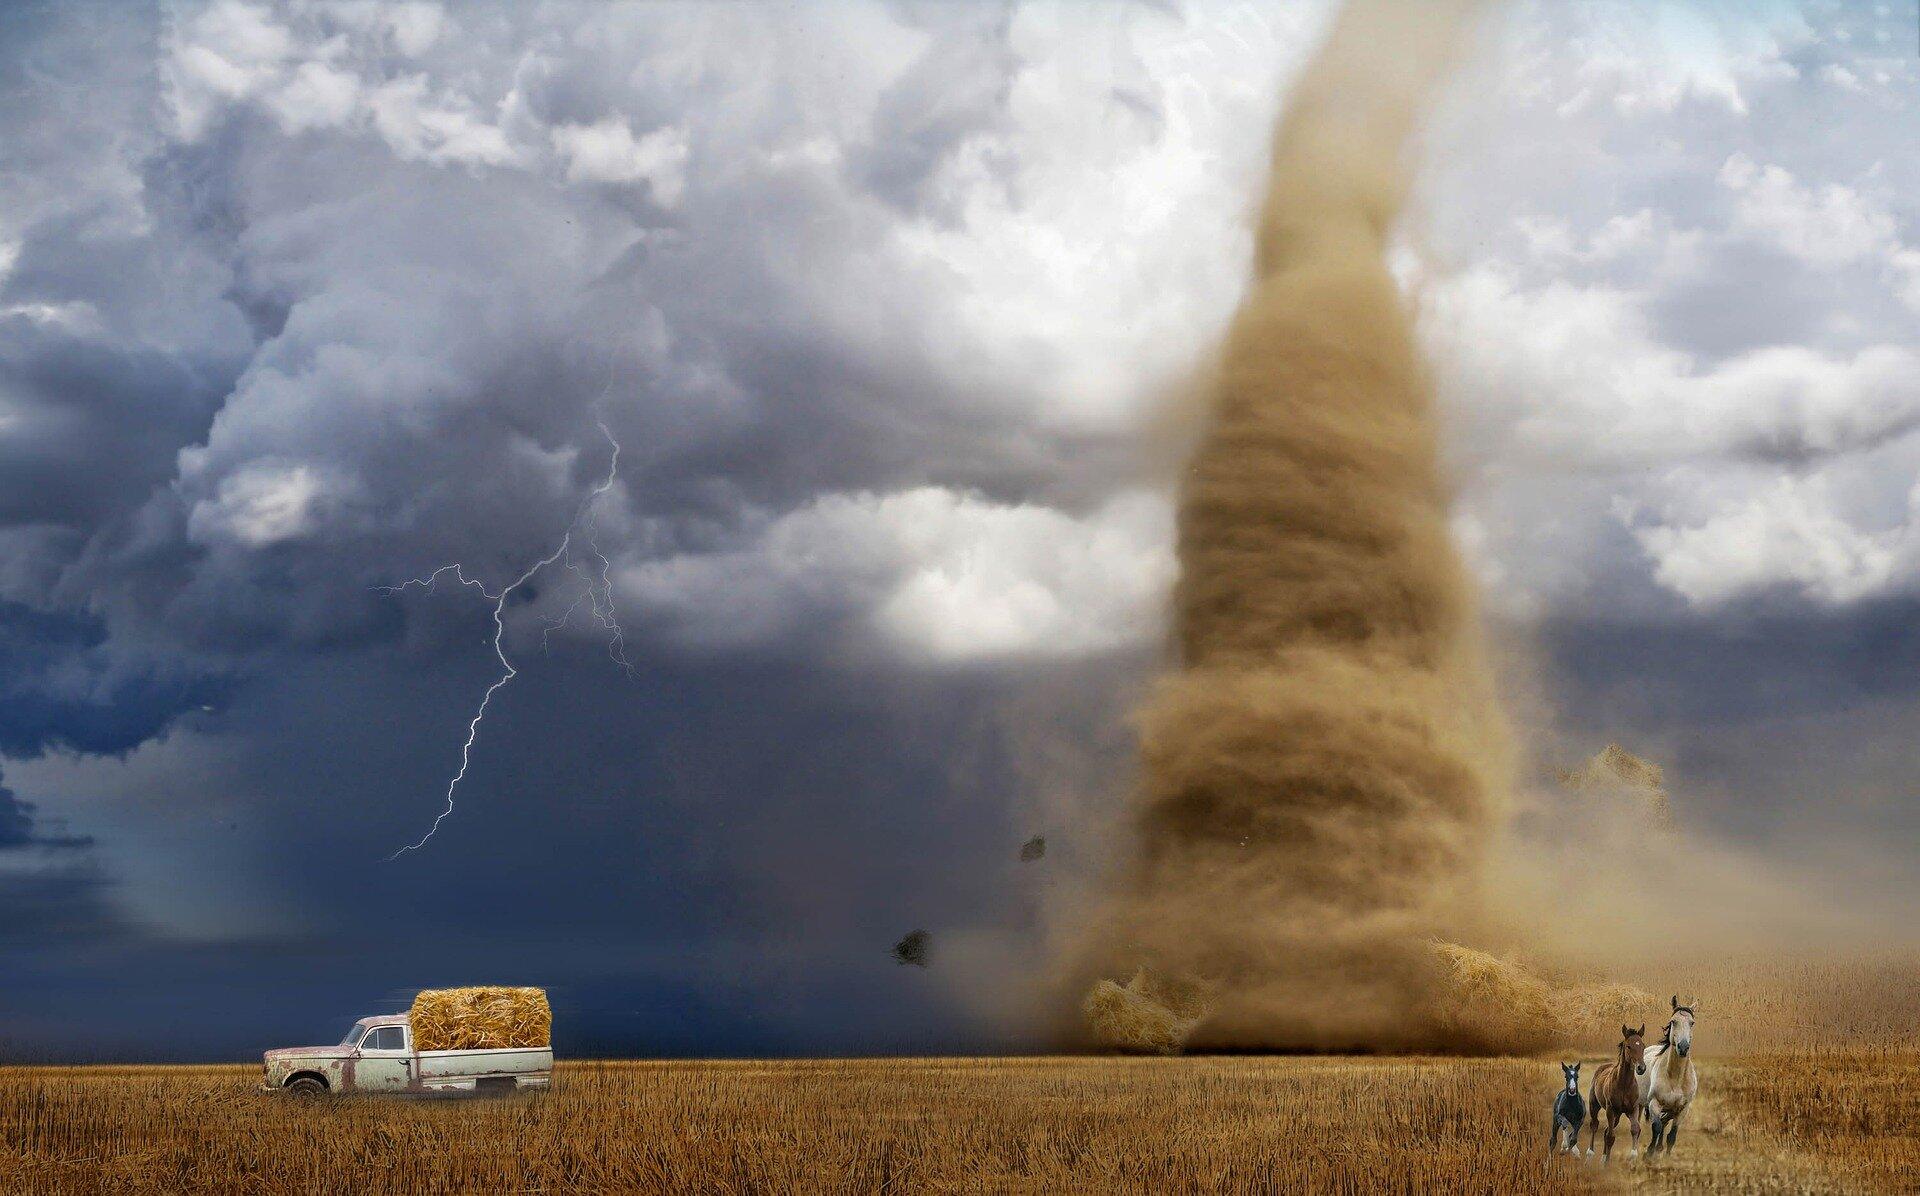 Outside Oz, GLINDA reports on tornado acoustics